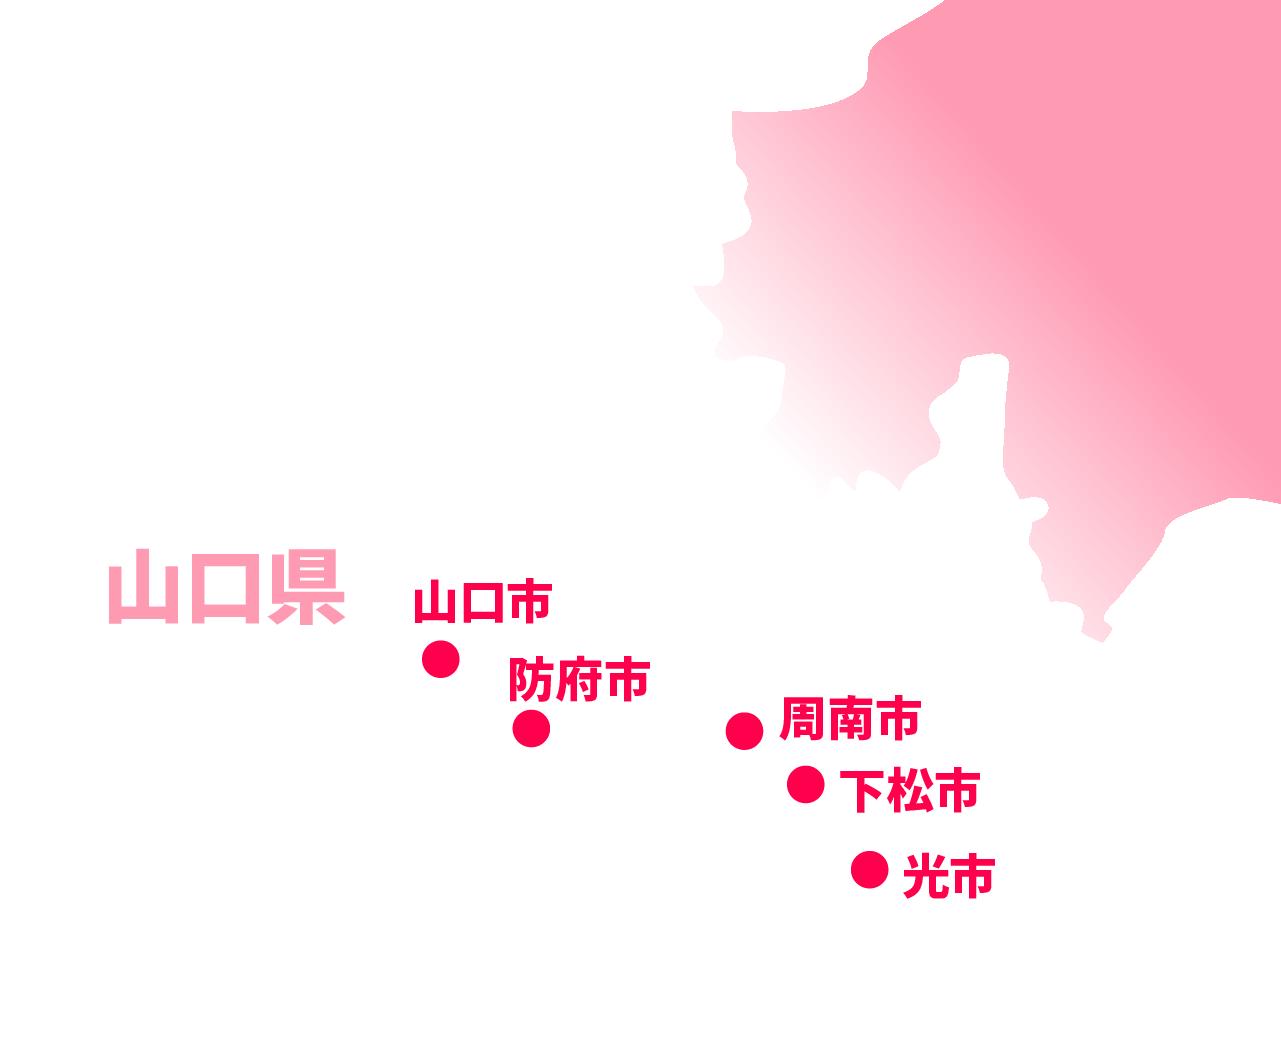 山口県サービスステーション